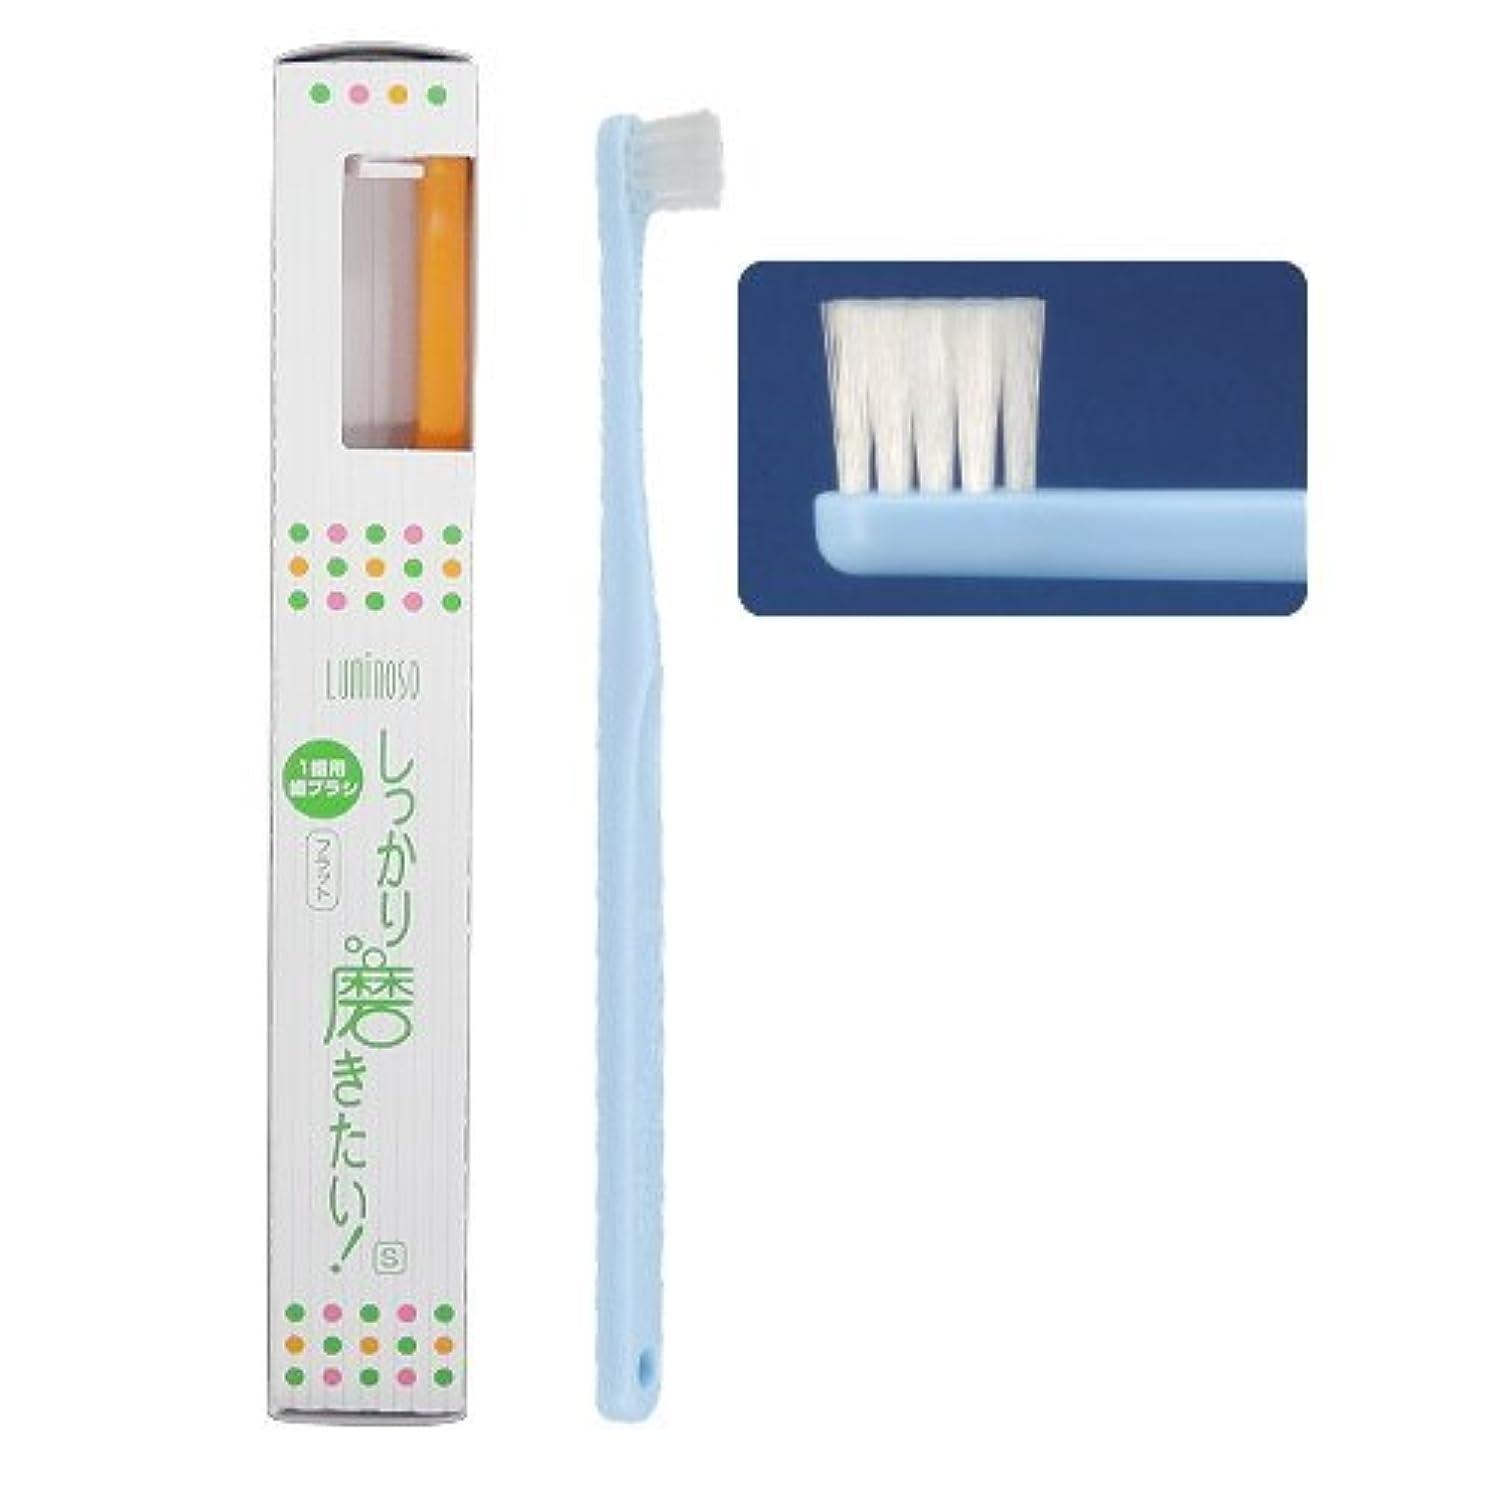 罰うがい薬溝ルミノソ 1歯用歯ブラシ 「しっかり磨きたい!」 フラット ソフト (カラー指定不可) 5本